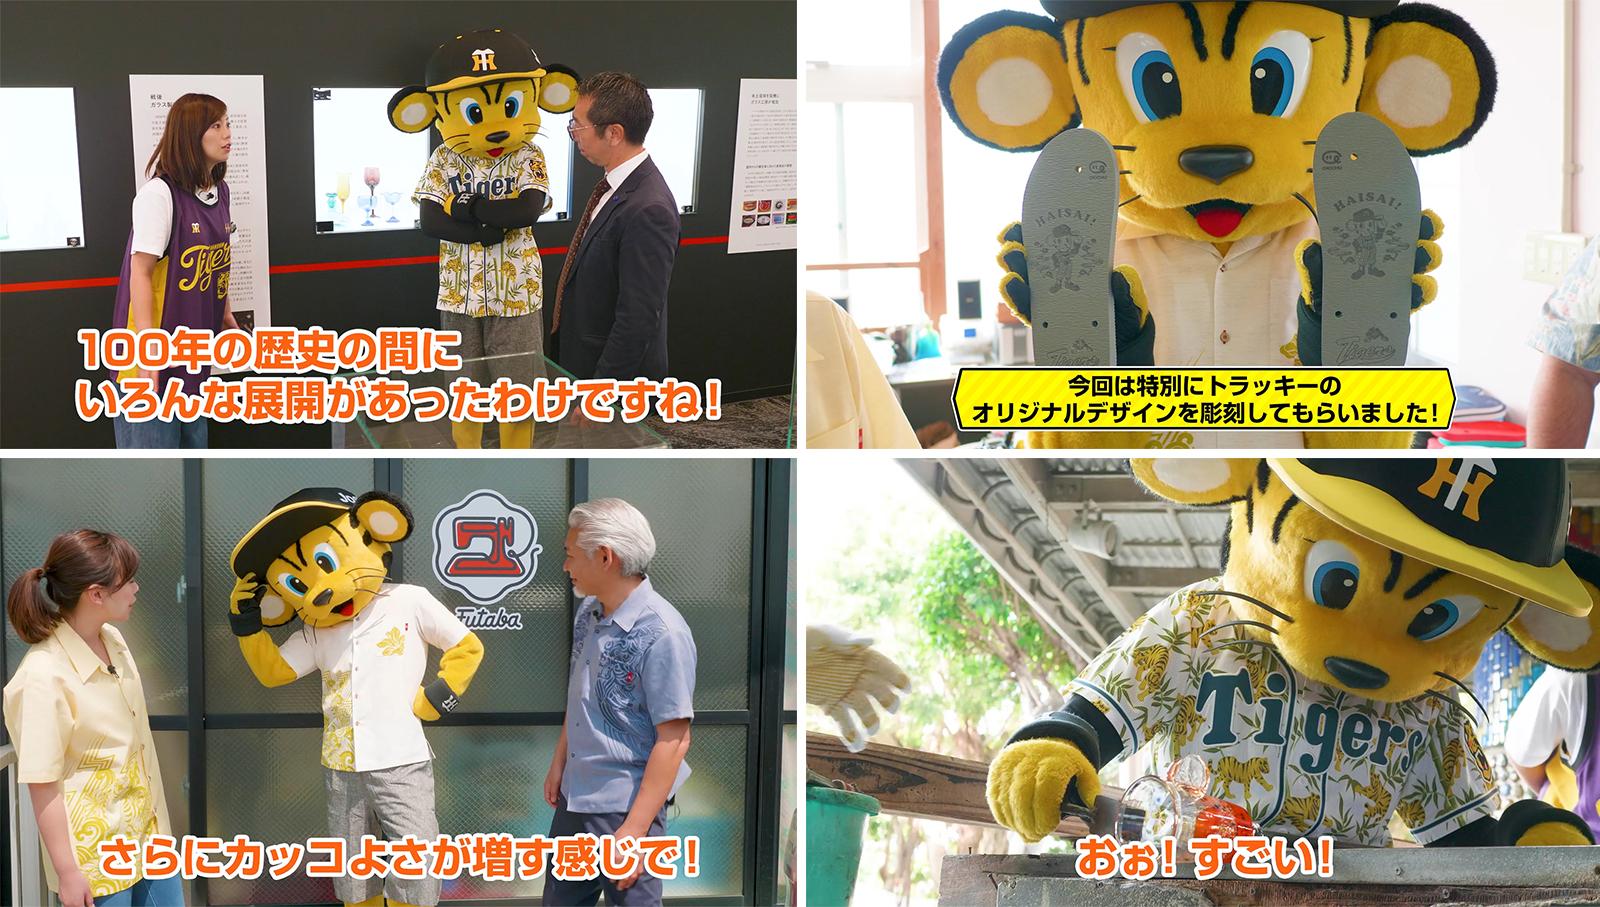 阪神タイガーストラチューブ2019夏